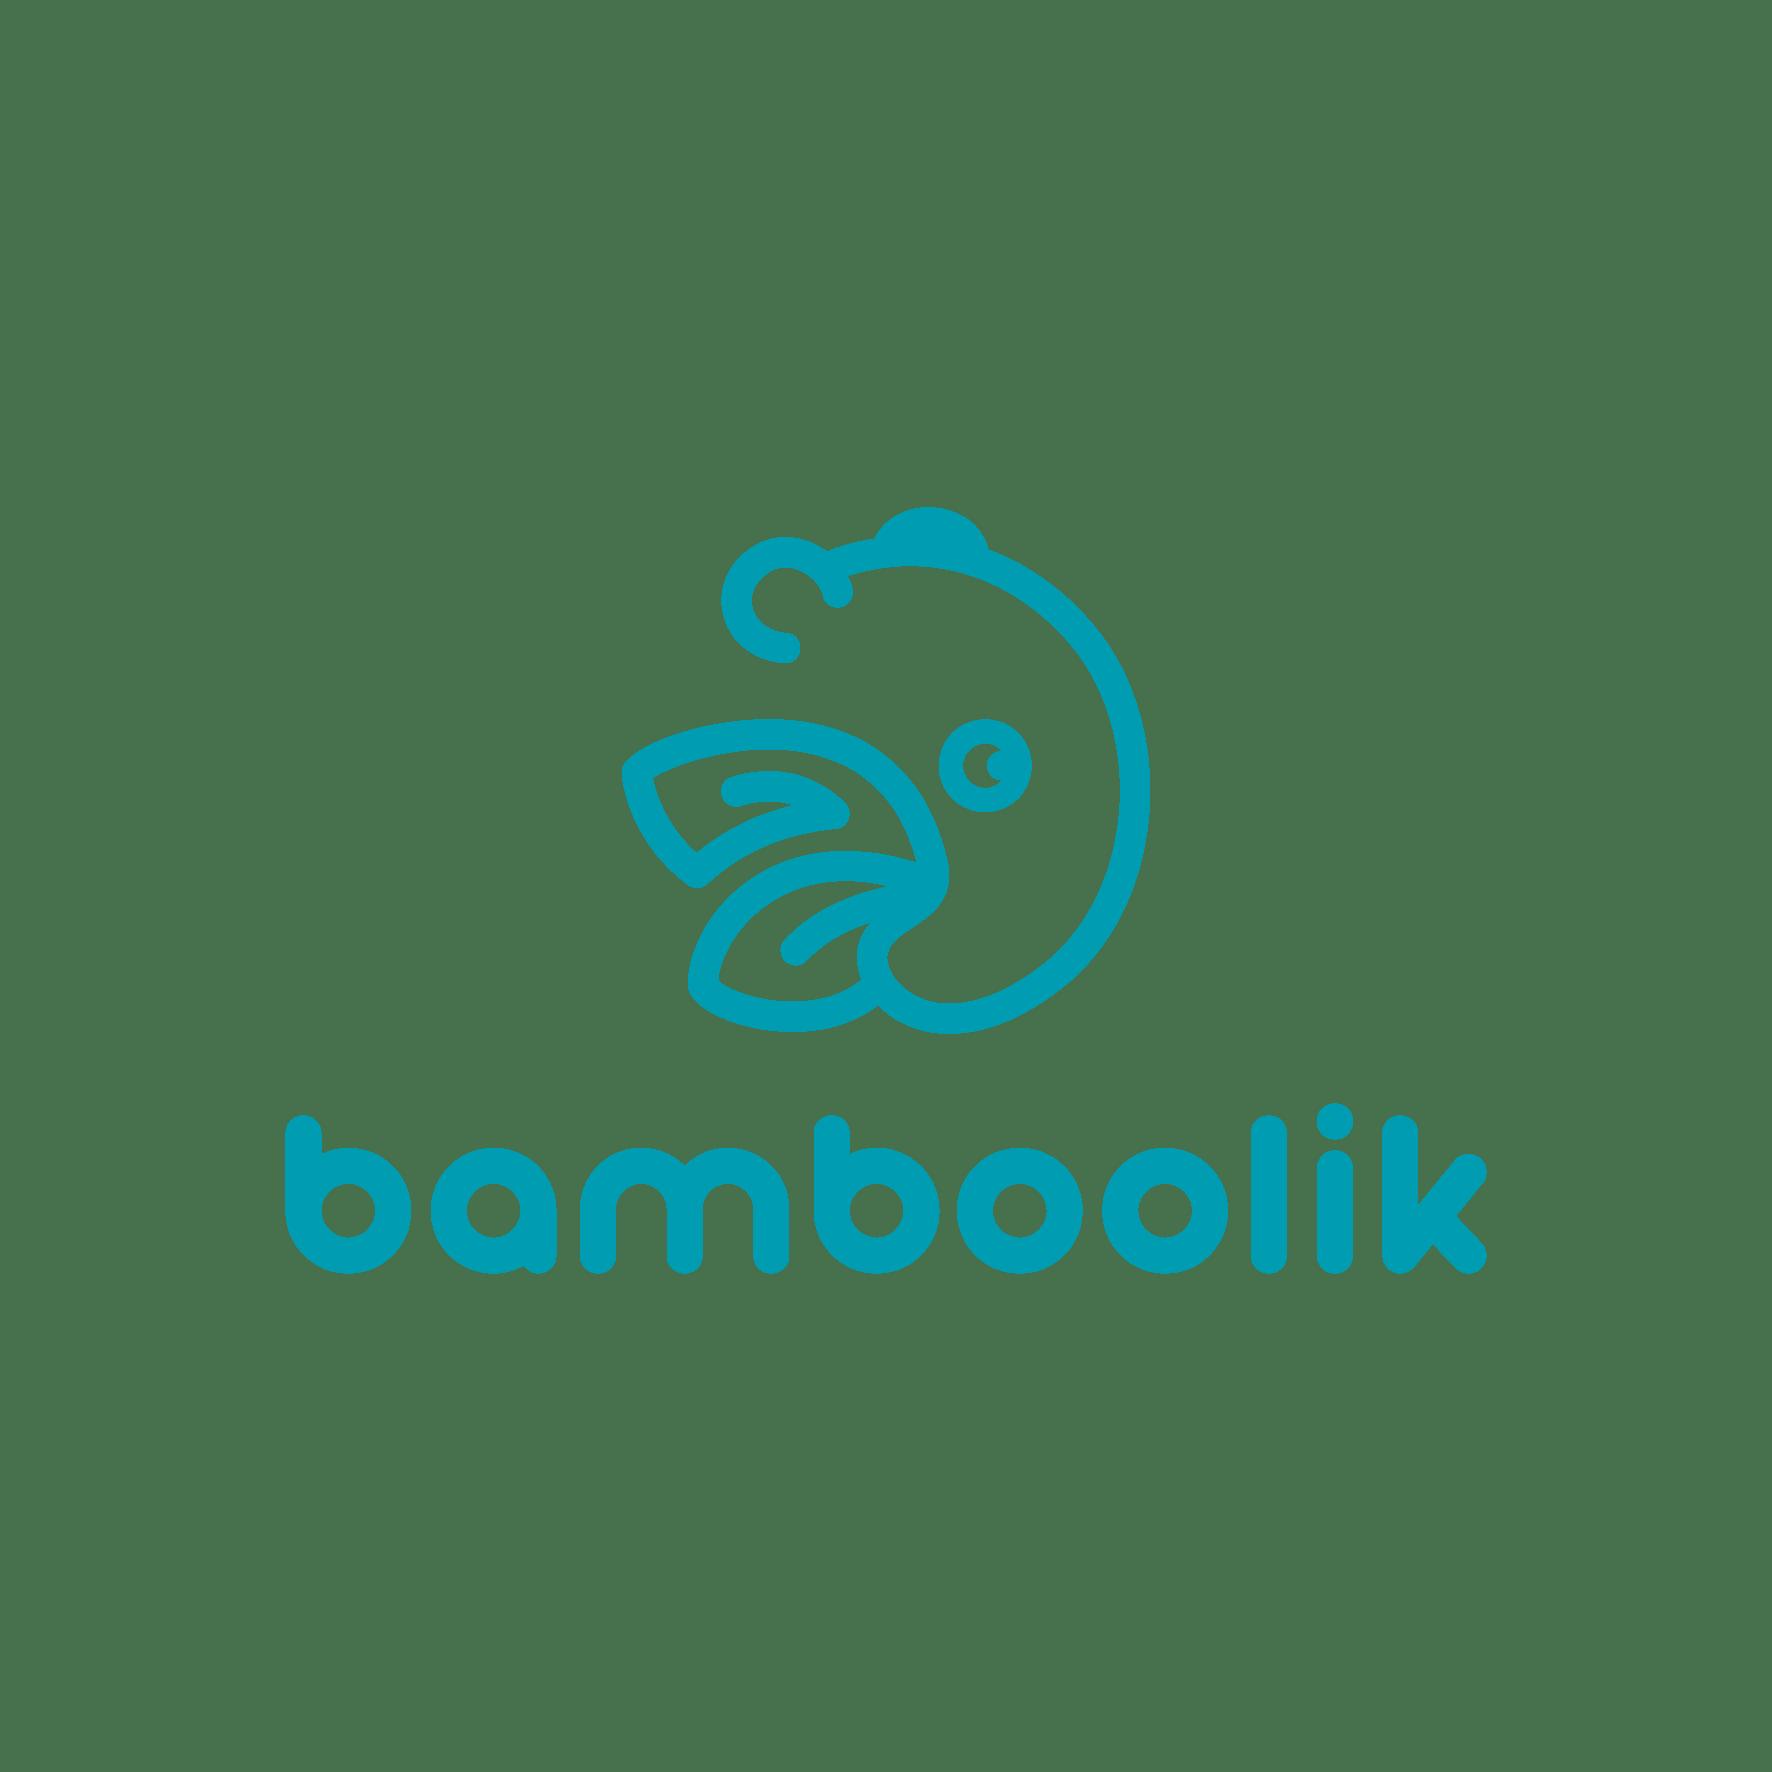 Bamboolik Logo